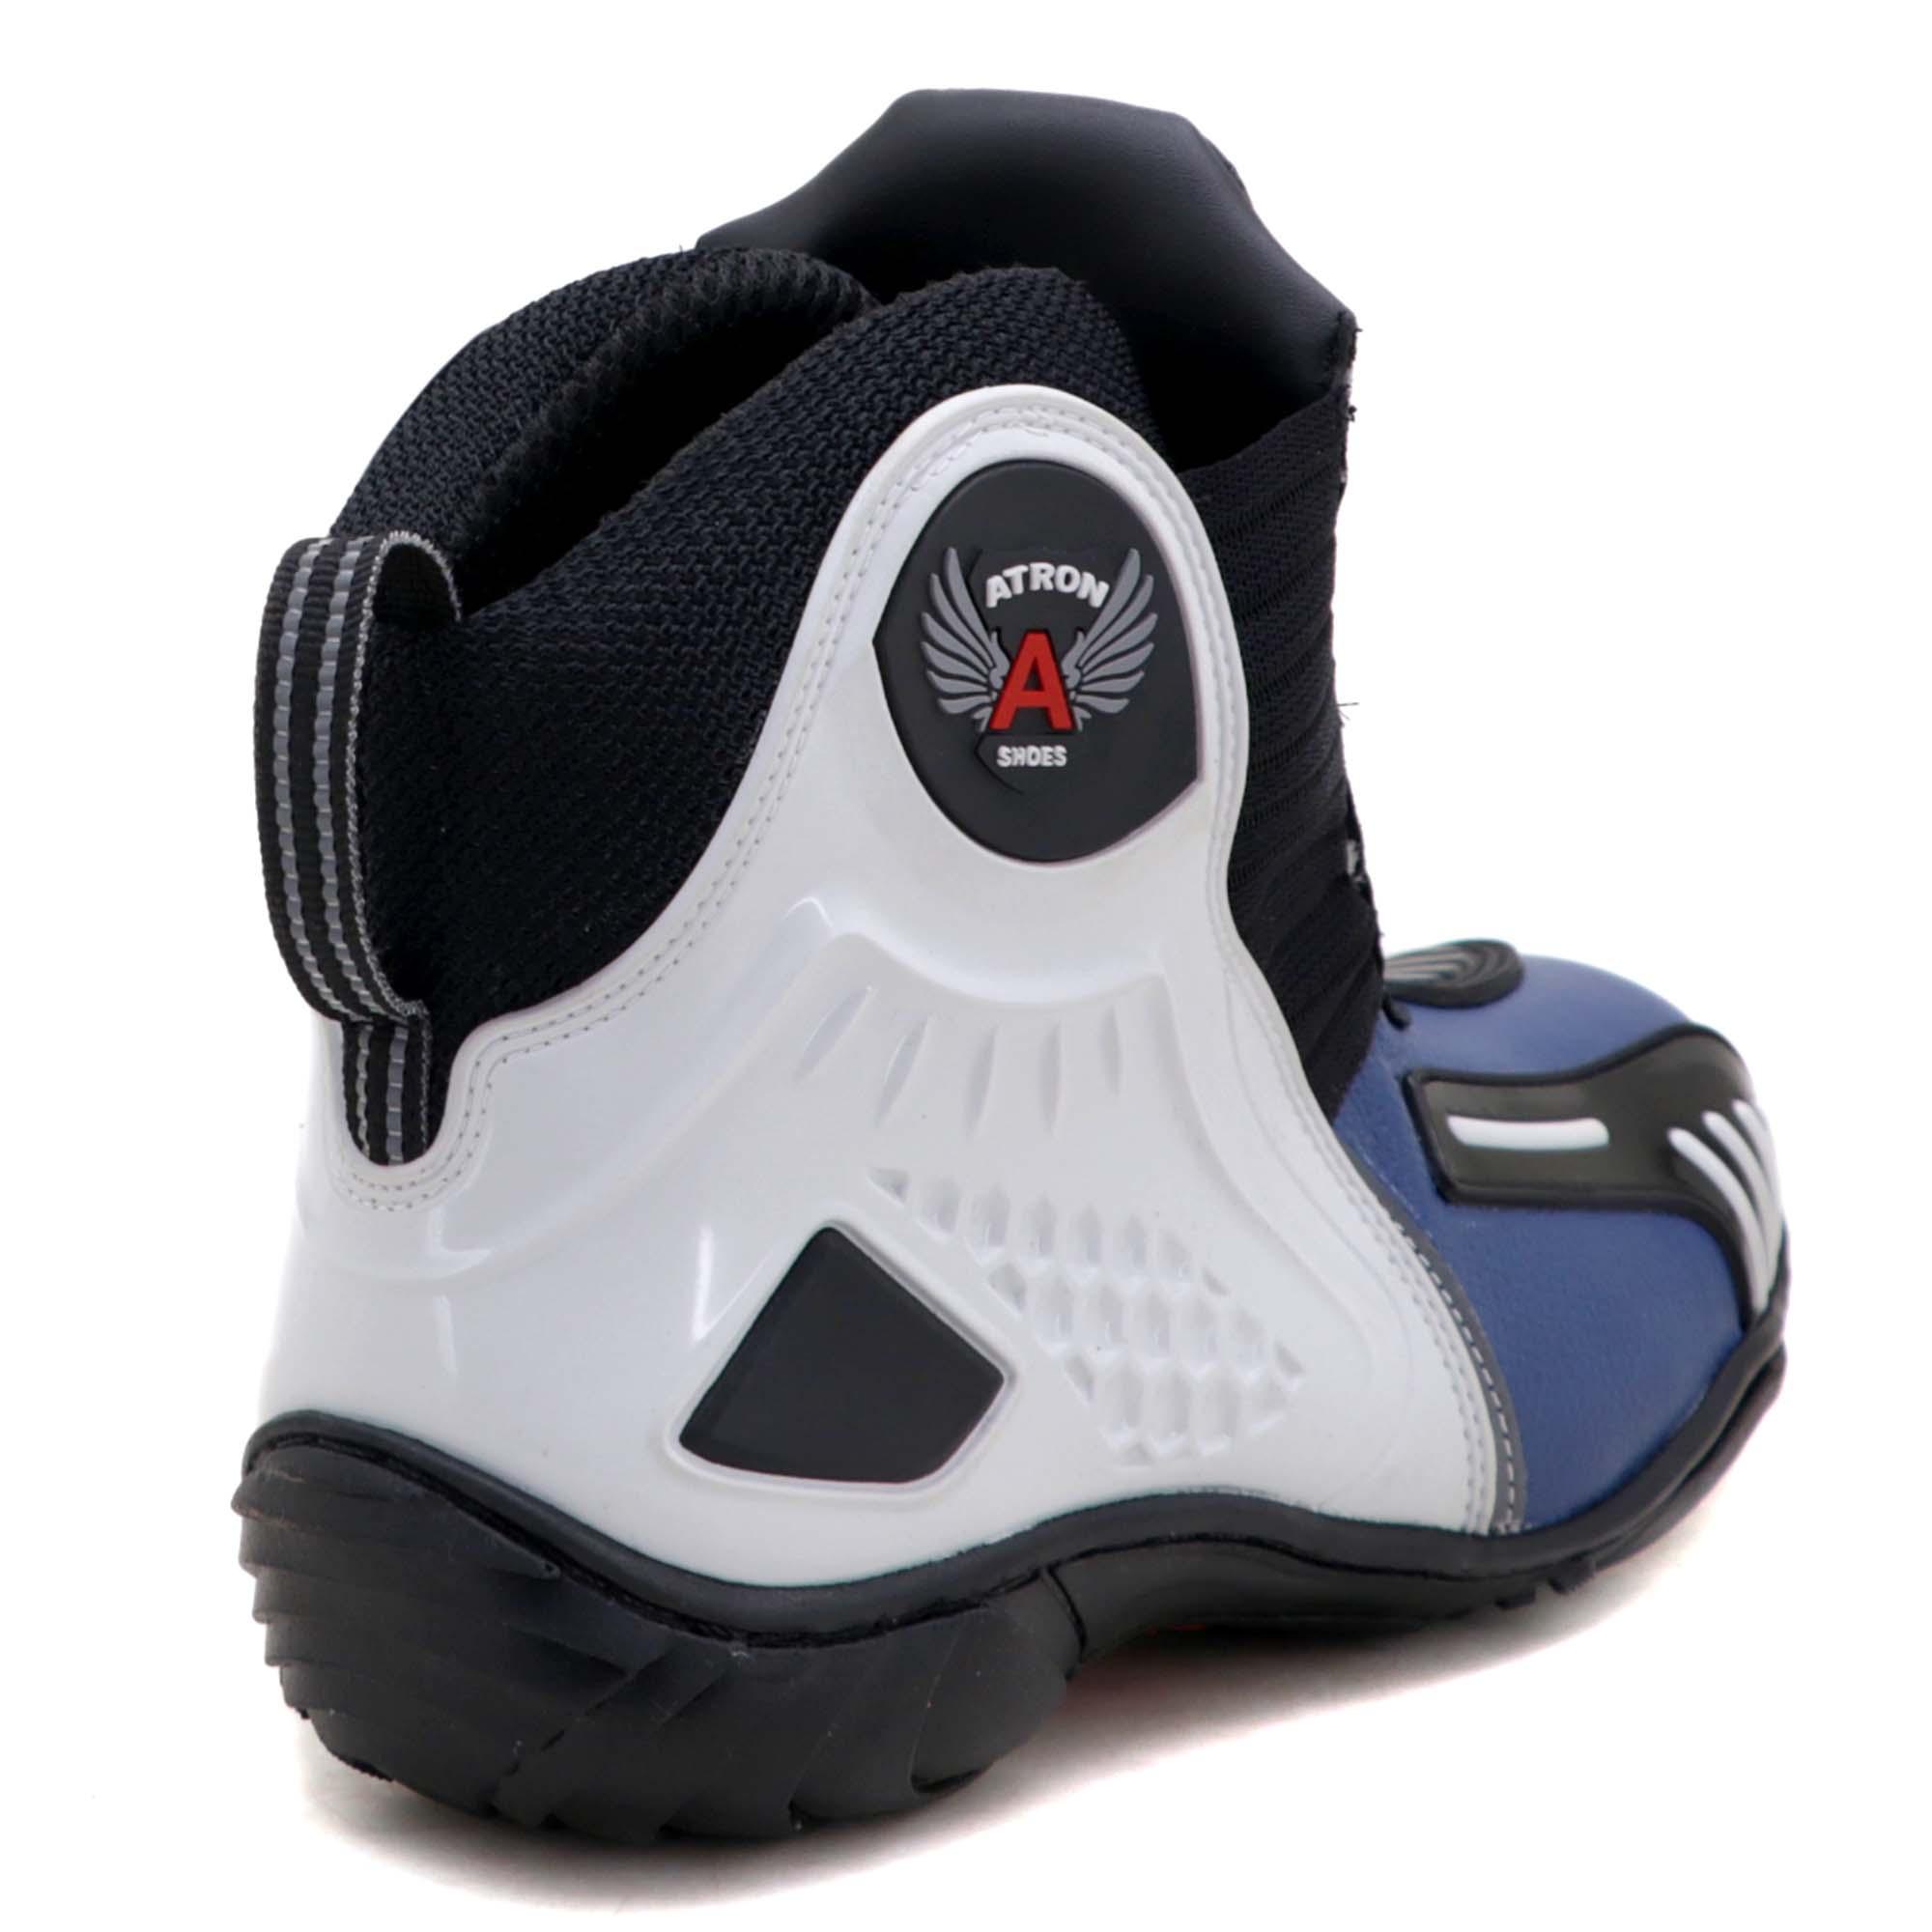 Bota motociclista Atron Shoes AS-HIGHWAY em couro legítimo semi-impermeável emborrachada Com elástico na cor Azul 408